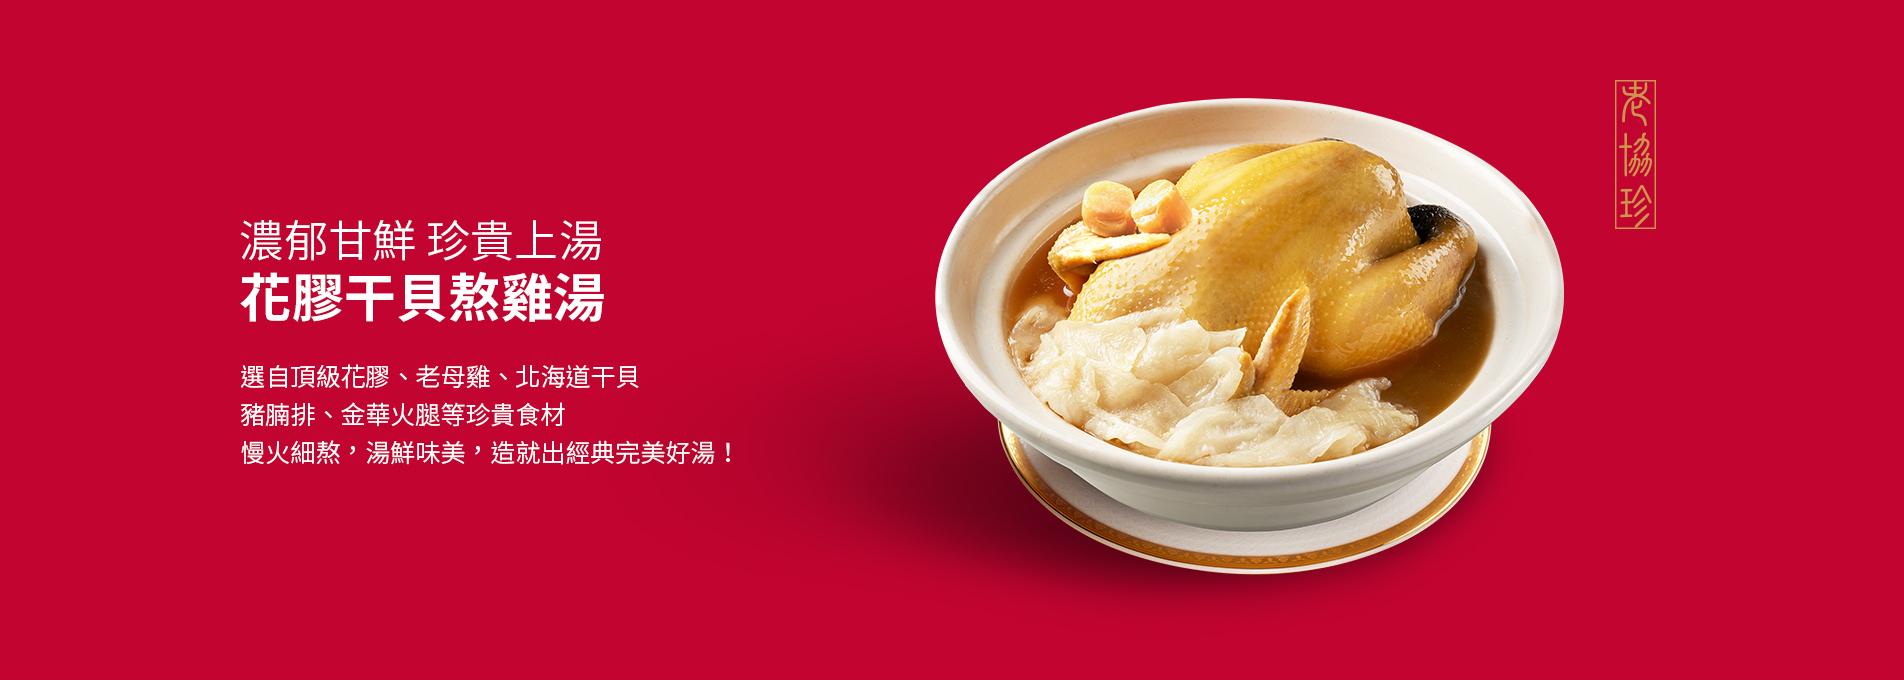 花膠干貝熬雞湯